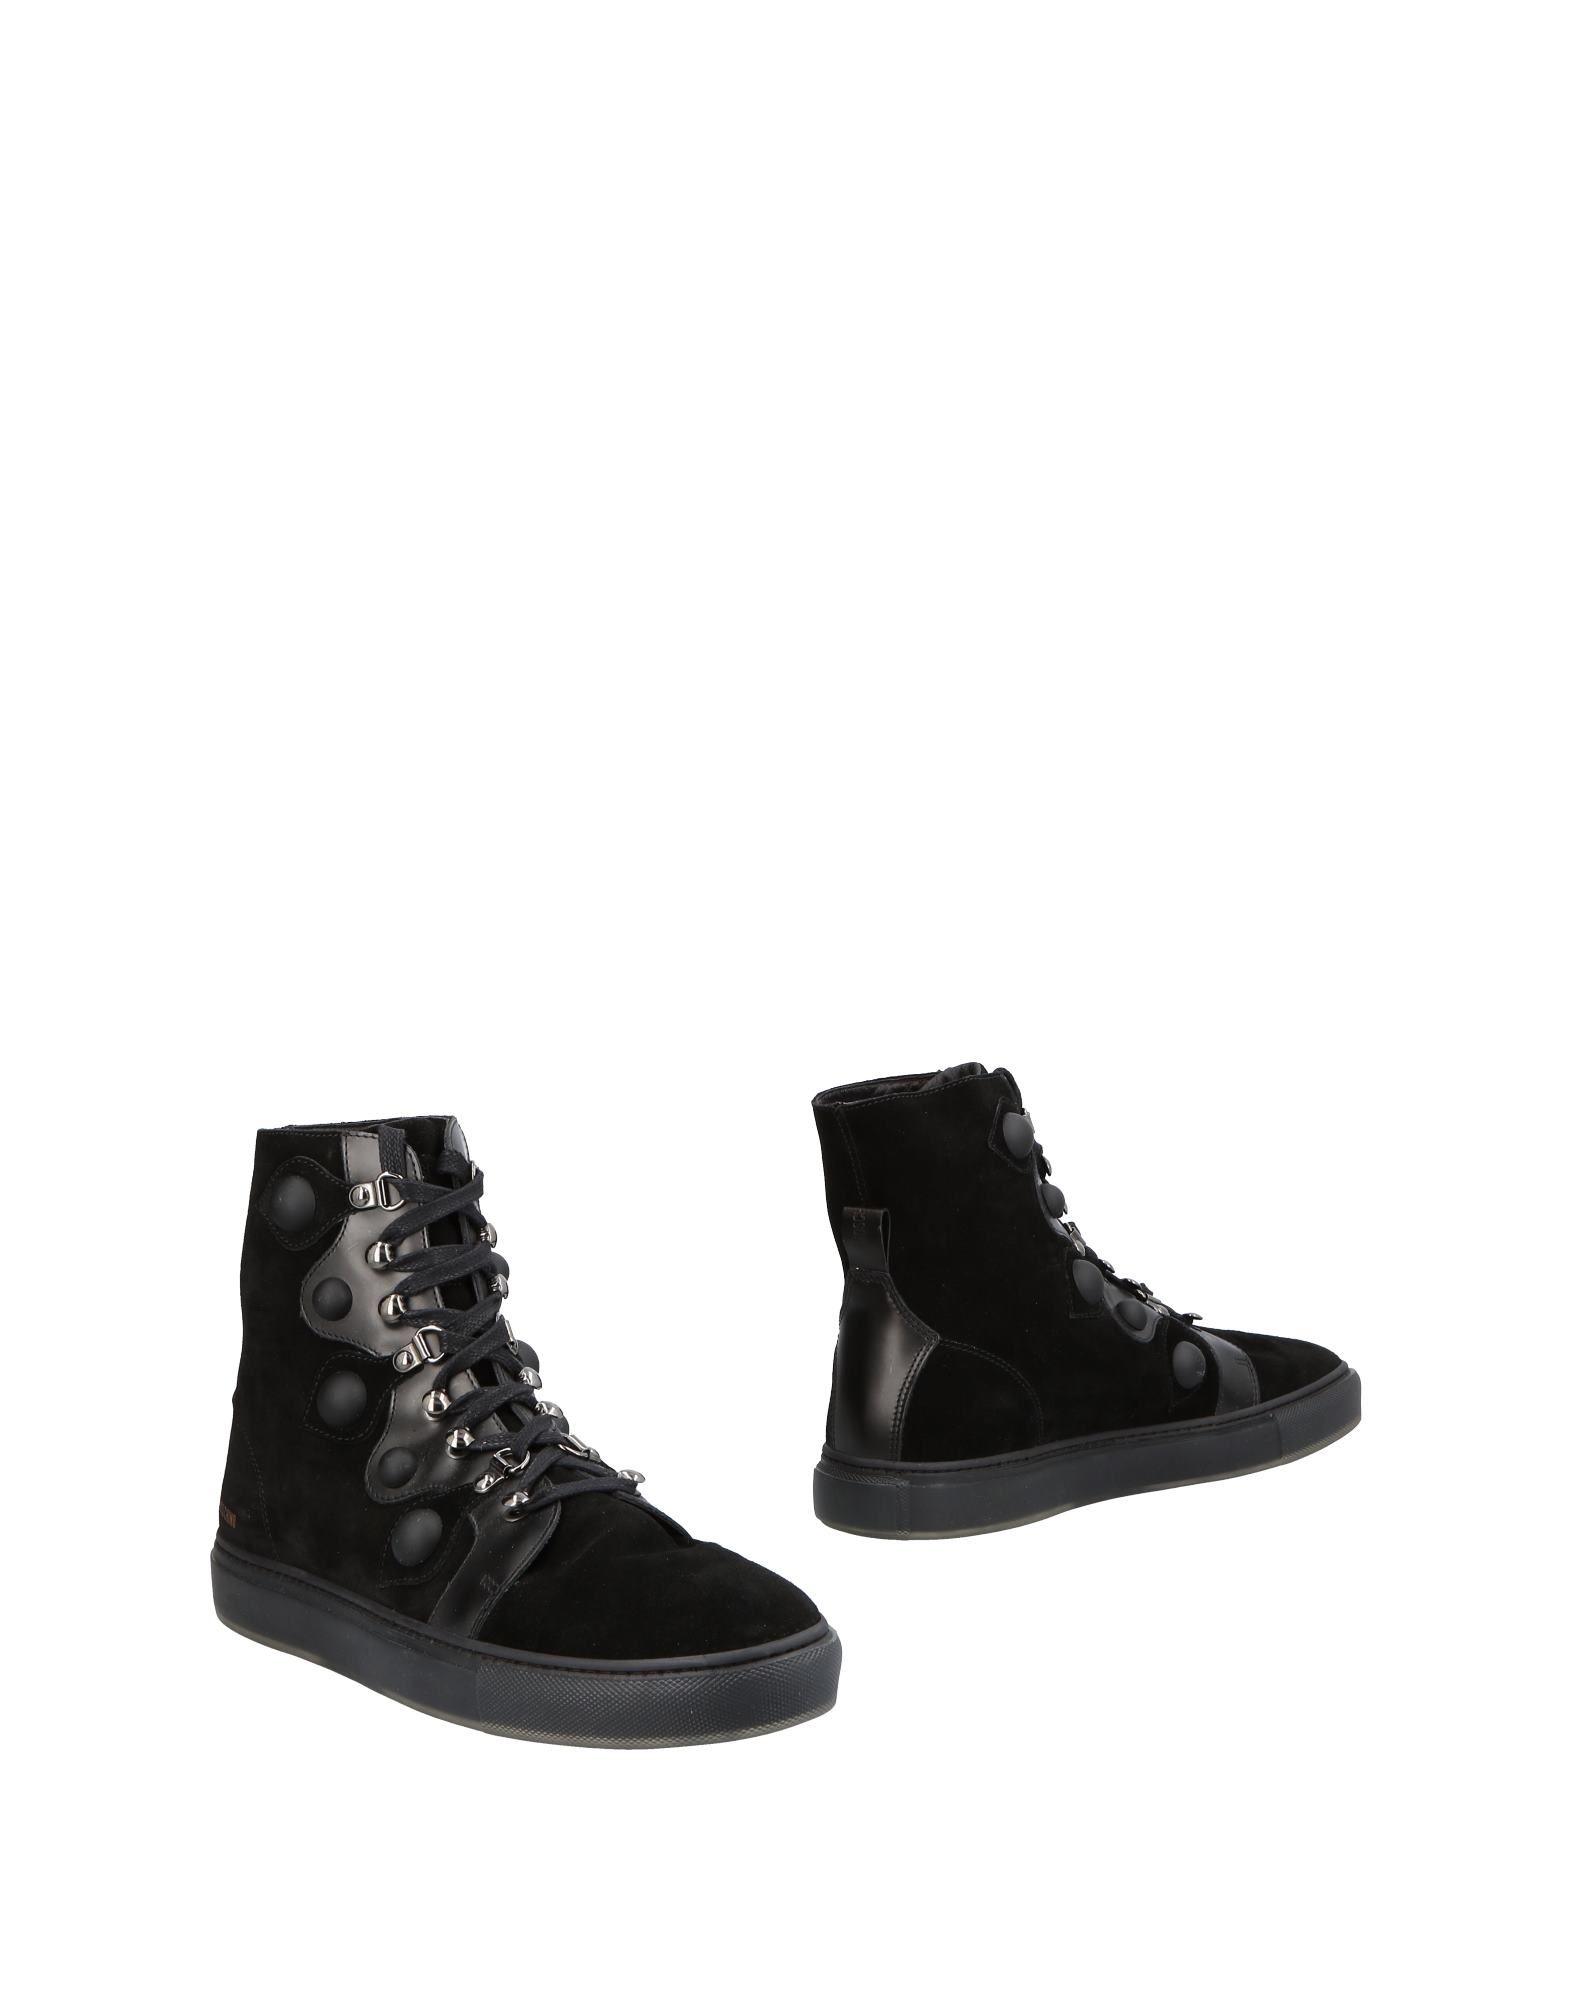 Moschino Stiefelette Herren  11490541AA Gute Qualität beliebte Schuhe